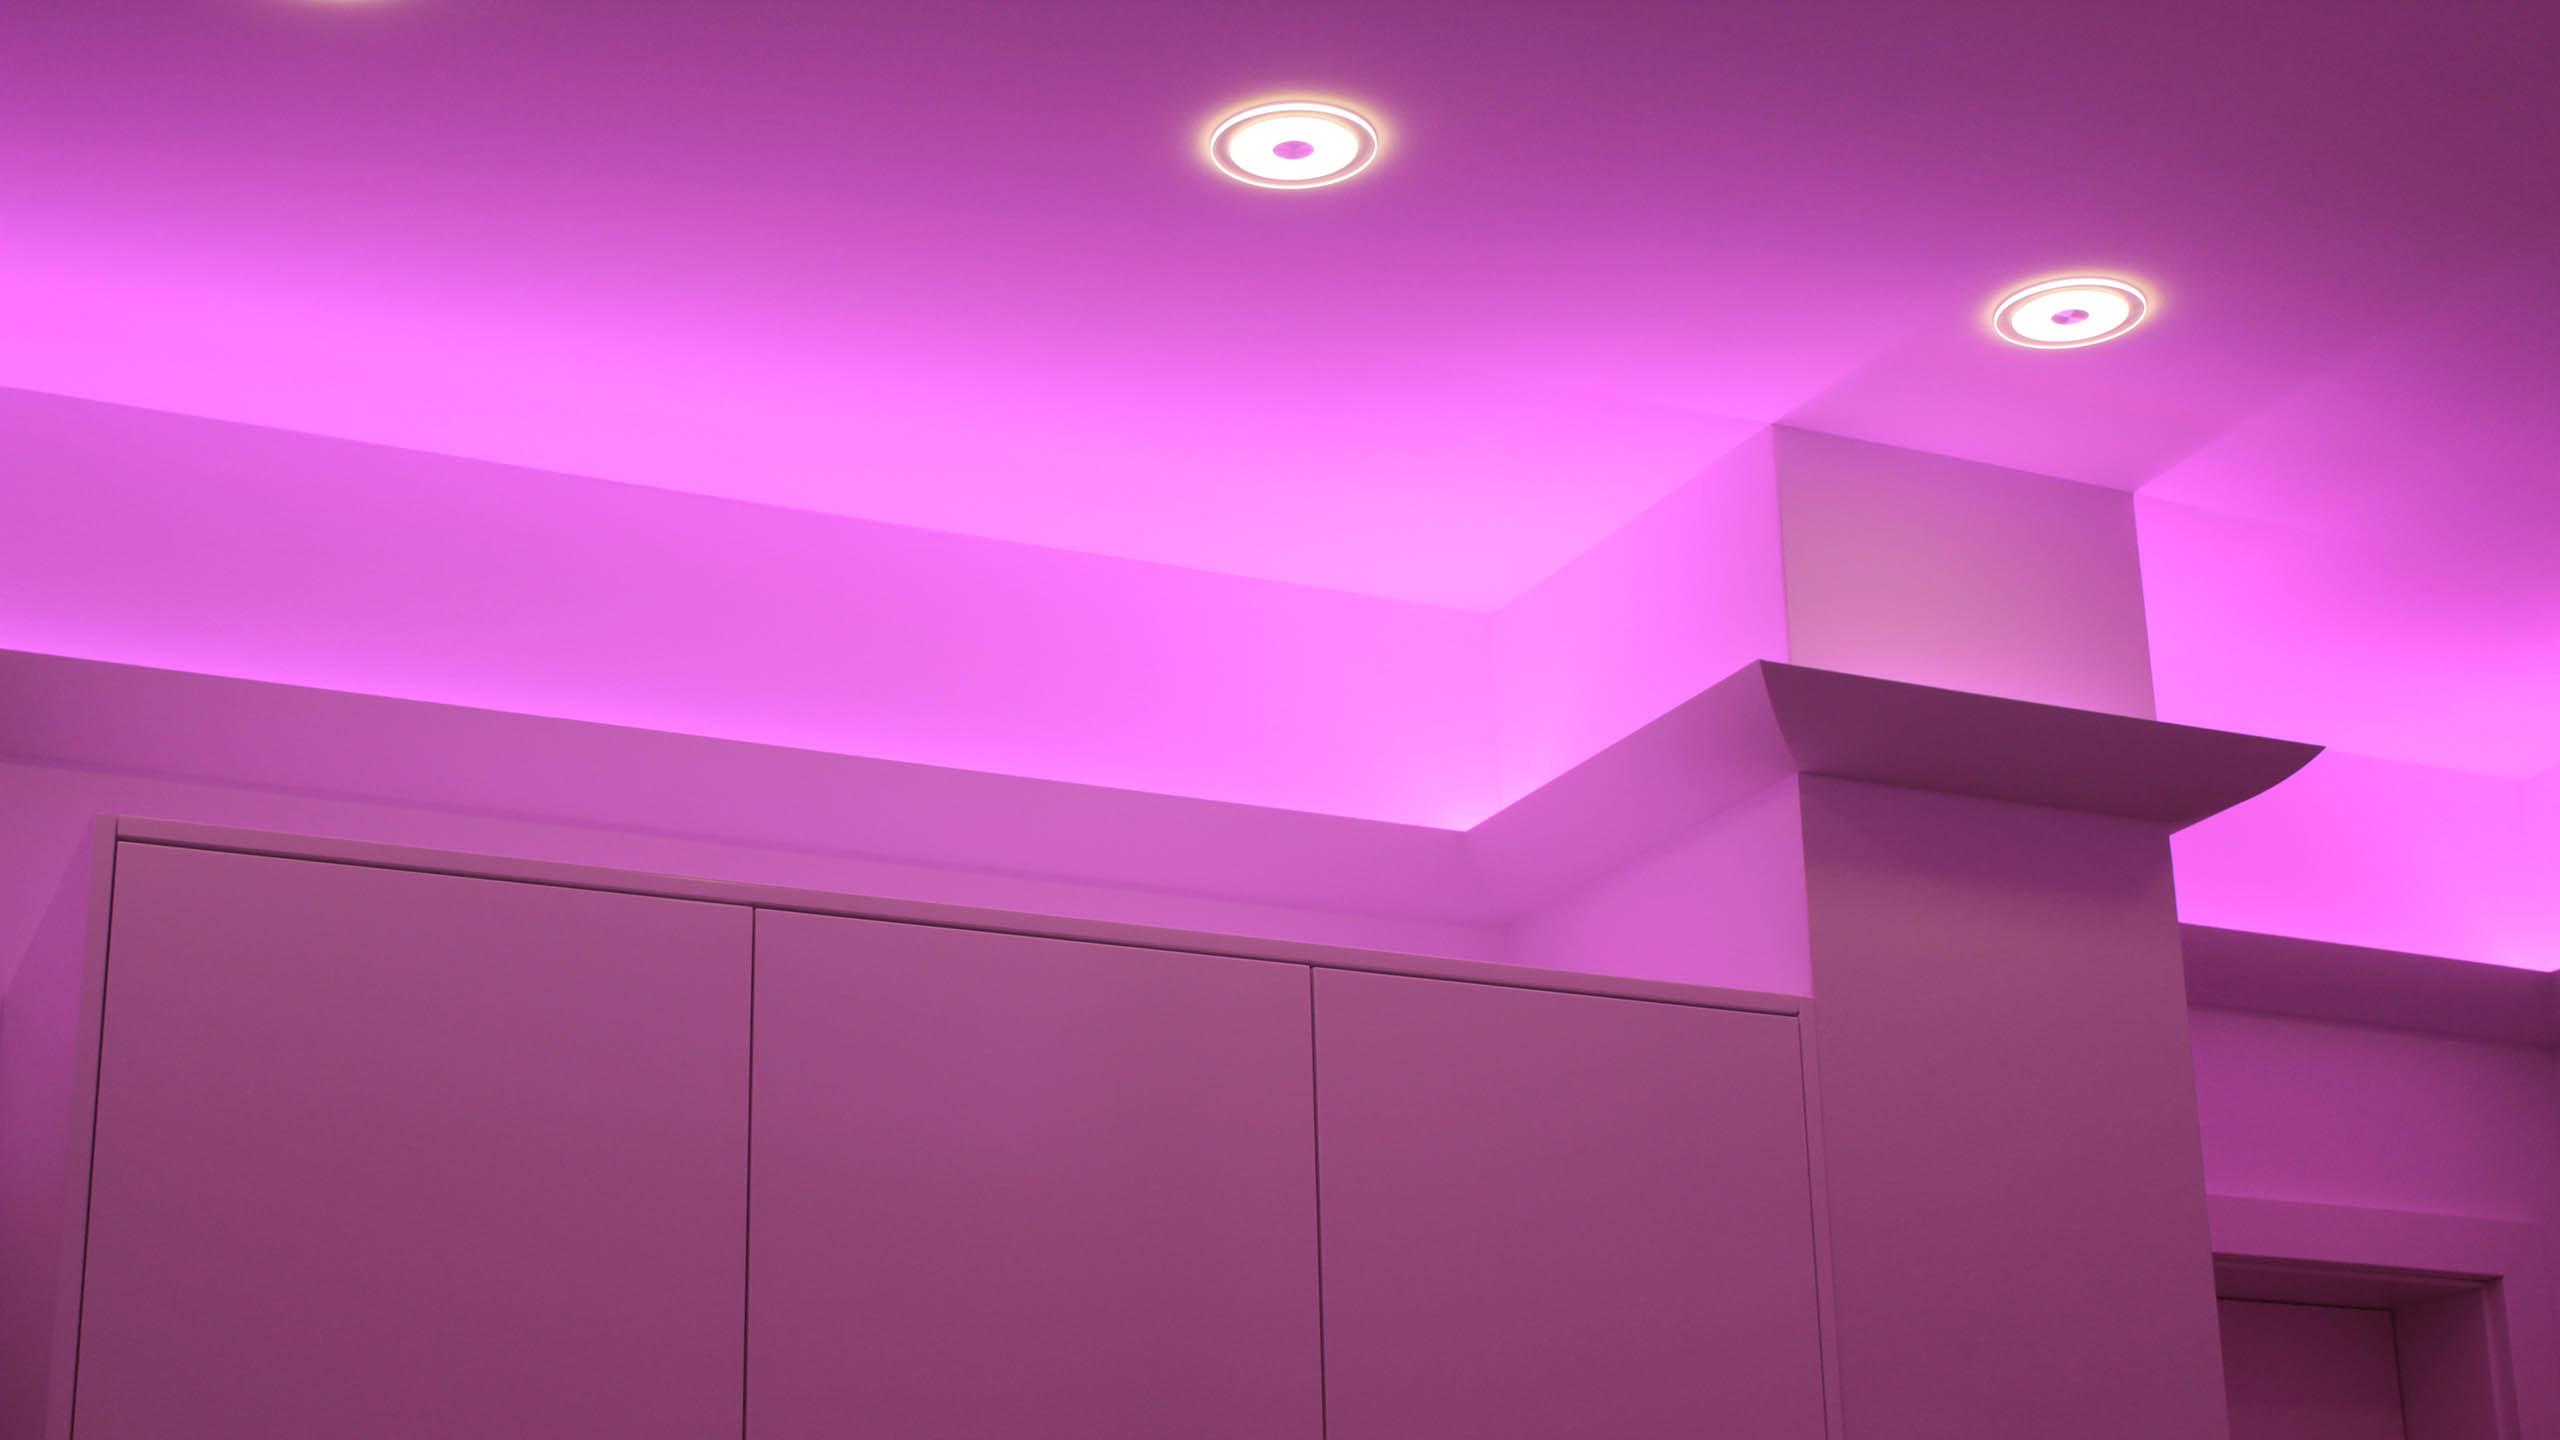 Lichtvouten für indirekte Beleuchtung